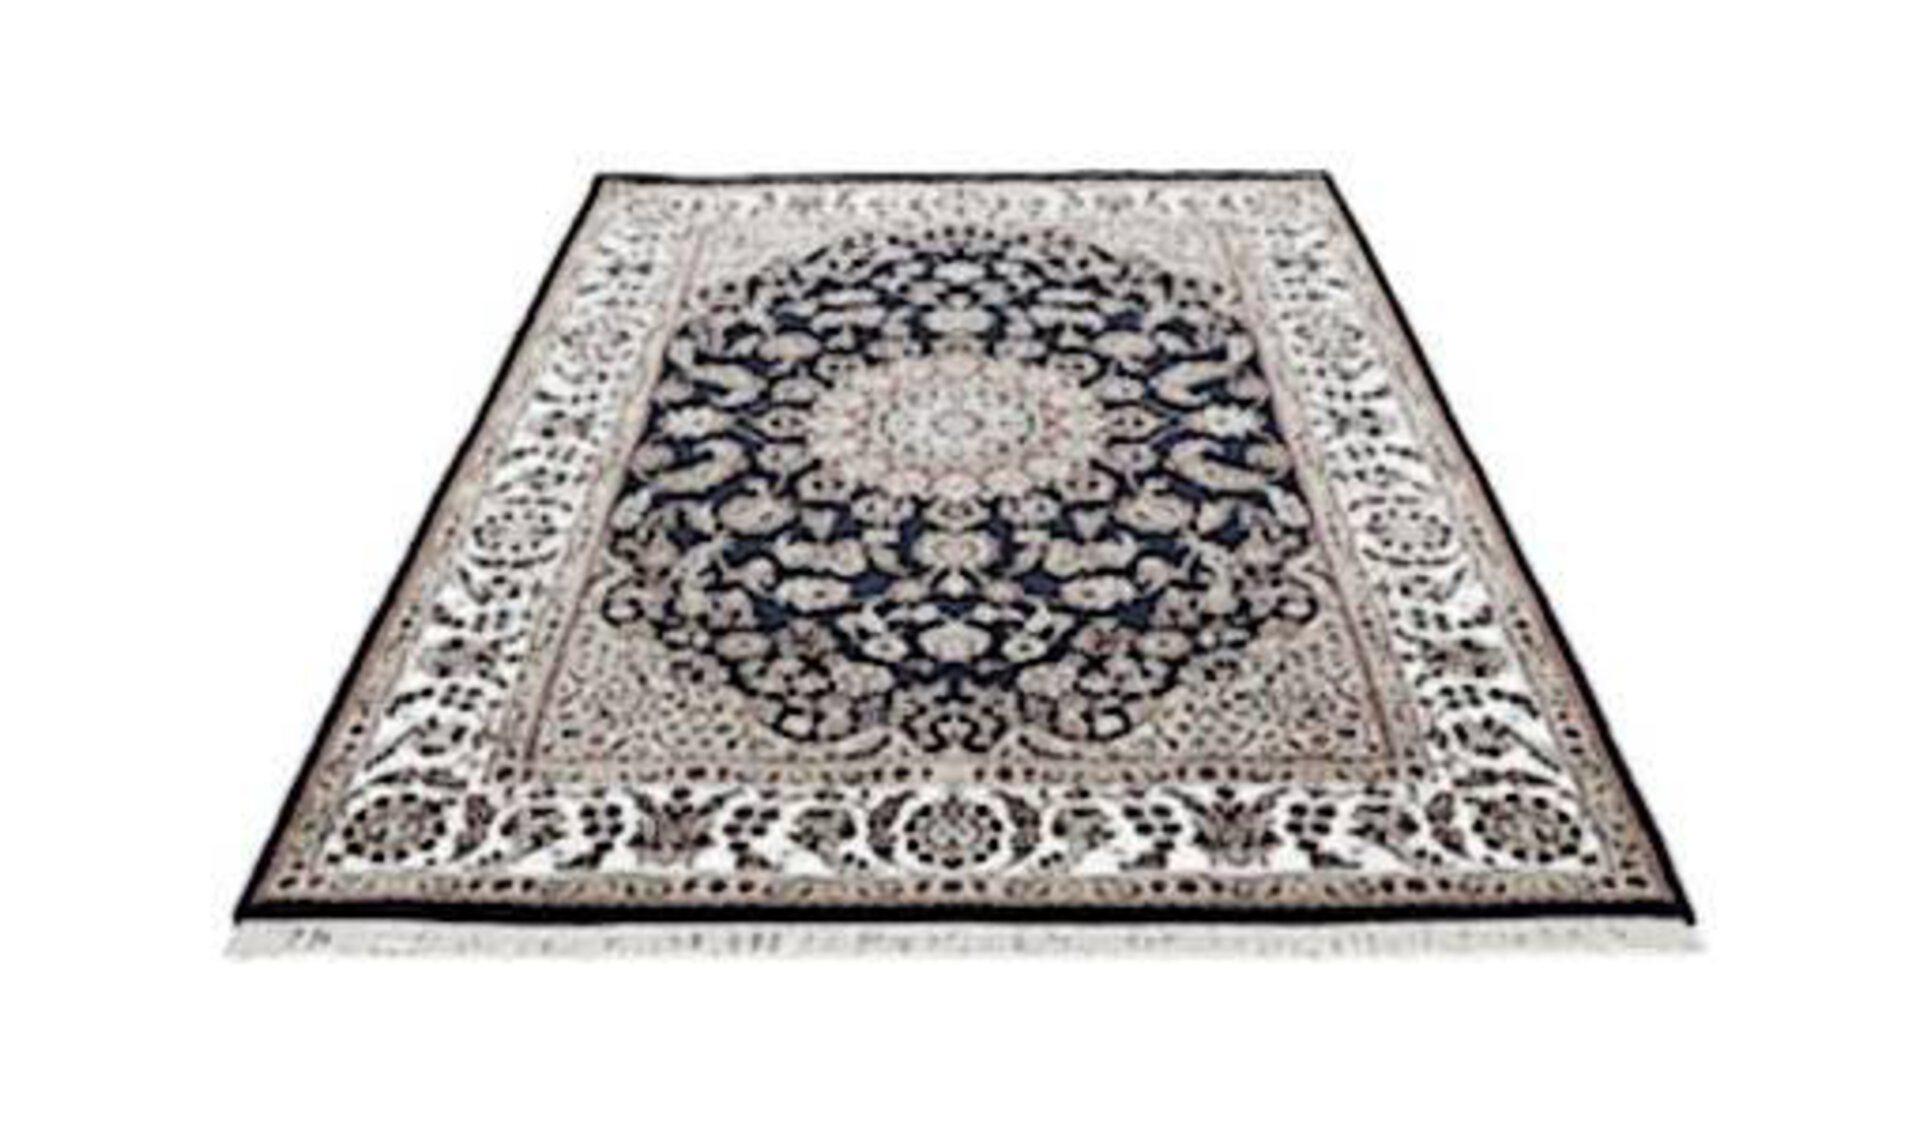 Orientteppiche werden durch einen stilisierten Orientteppich mit typischem Muster in Grau dargestellt.